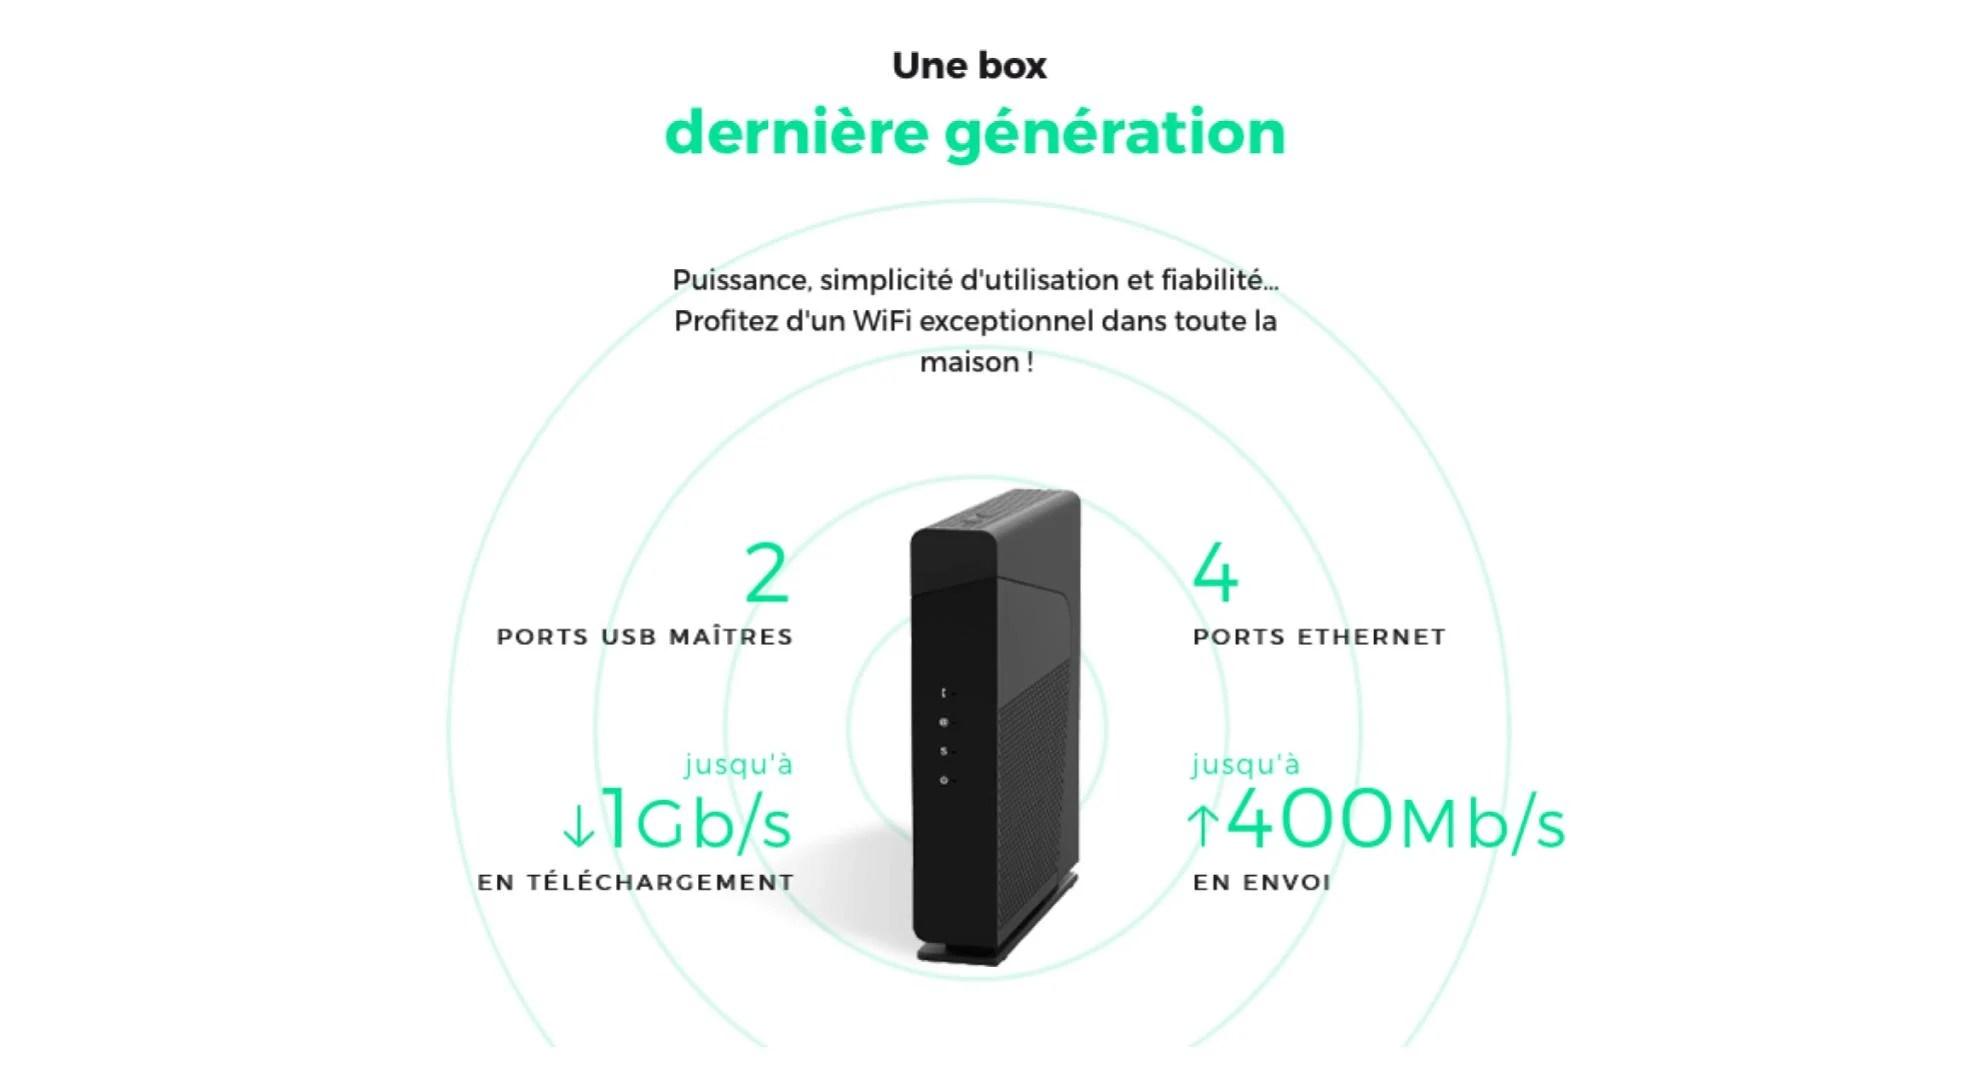 Coup double : la fibre à 1 Gb/s et un forfait mobile 40 Go pour 32 euros par mois chez RED